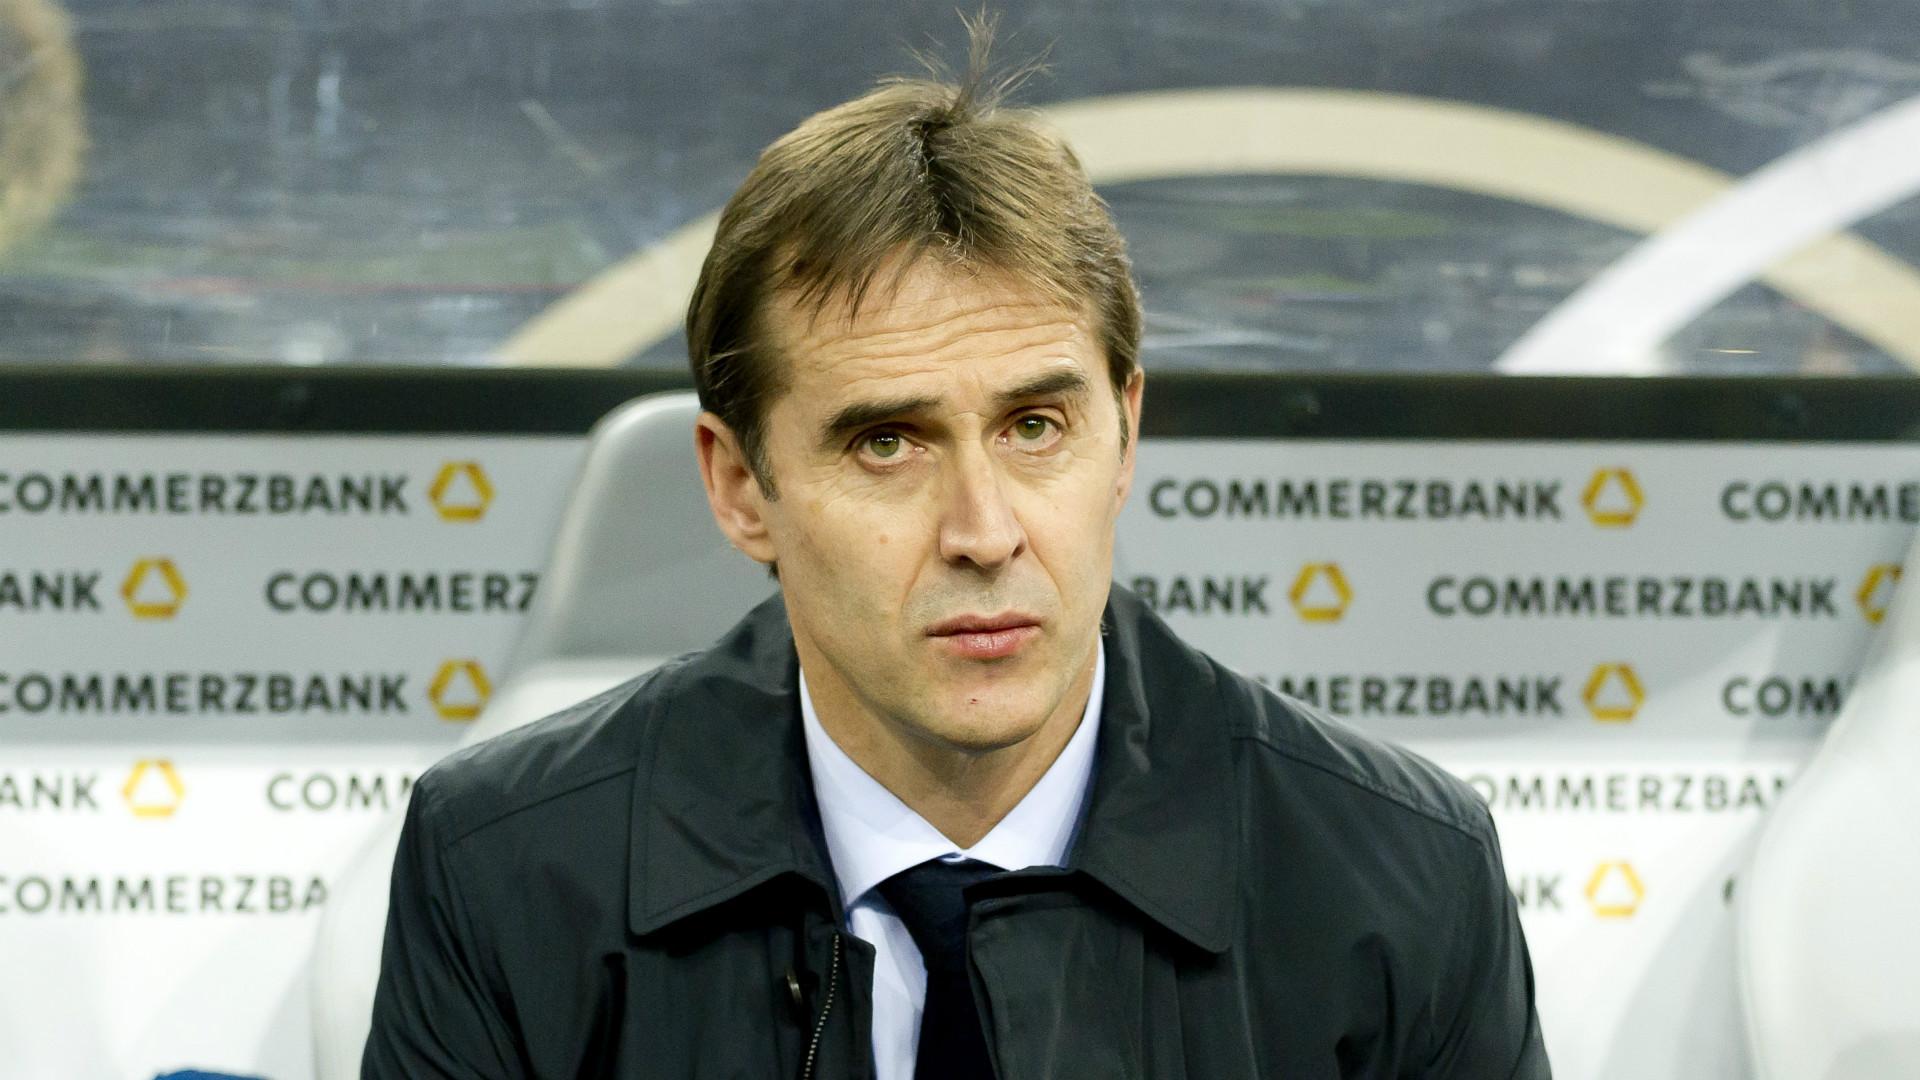 CHÍNH THỨC: Liên đoàn bóng đá Tây Ban Nha sa thải huấn luyện viên Julen Lopetegui chỉ 1 ngày trước World Cup - Bóng Đá